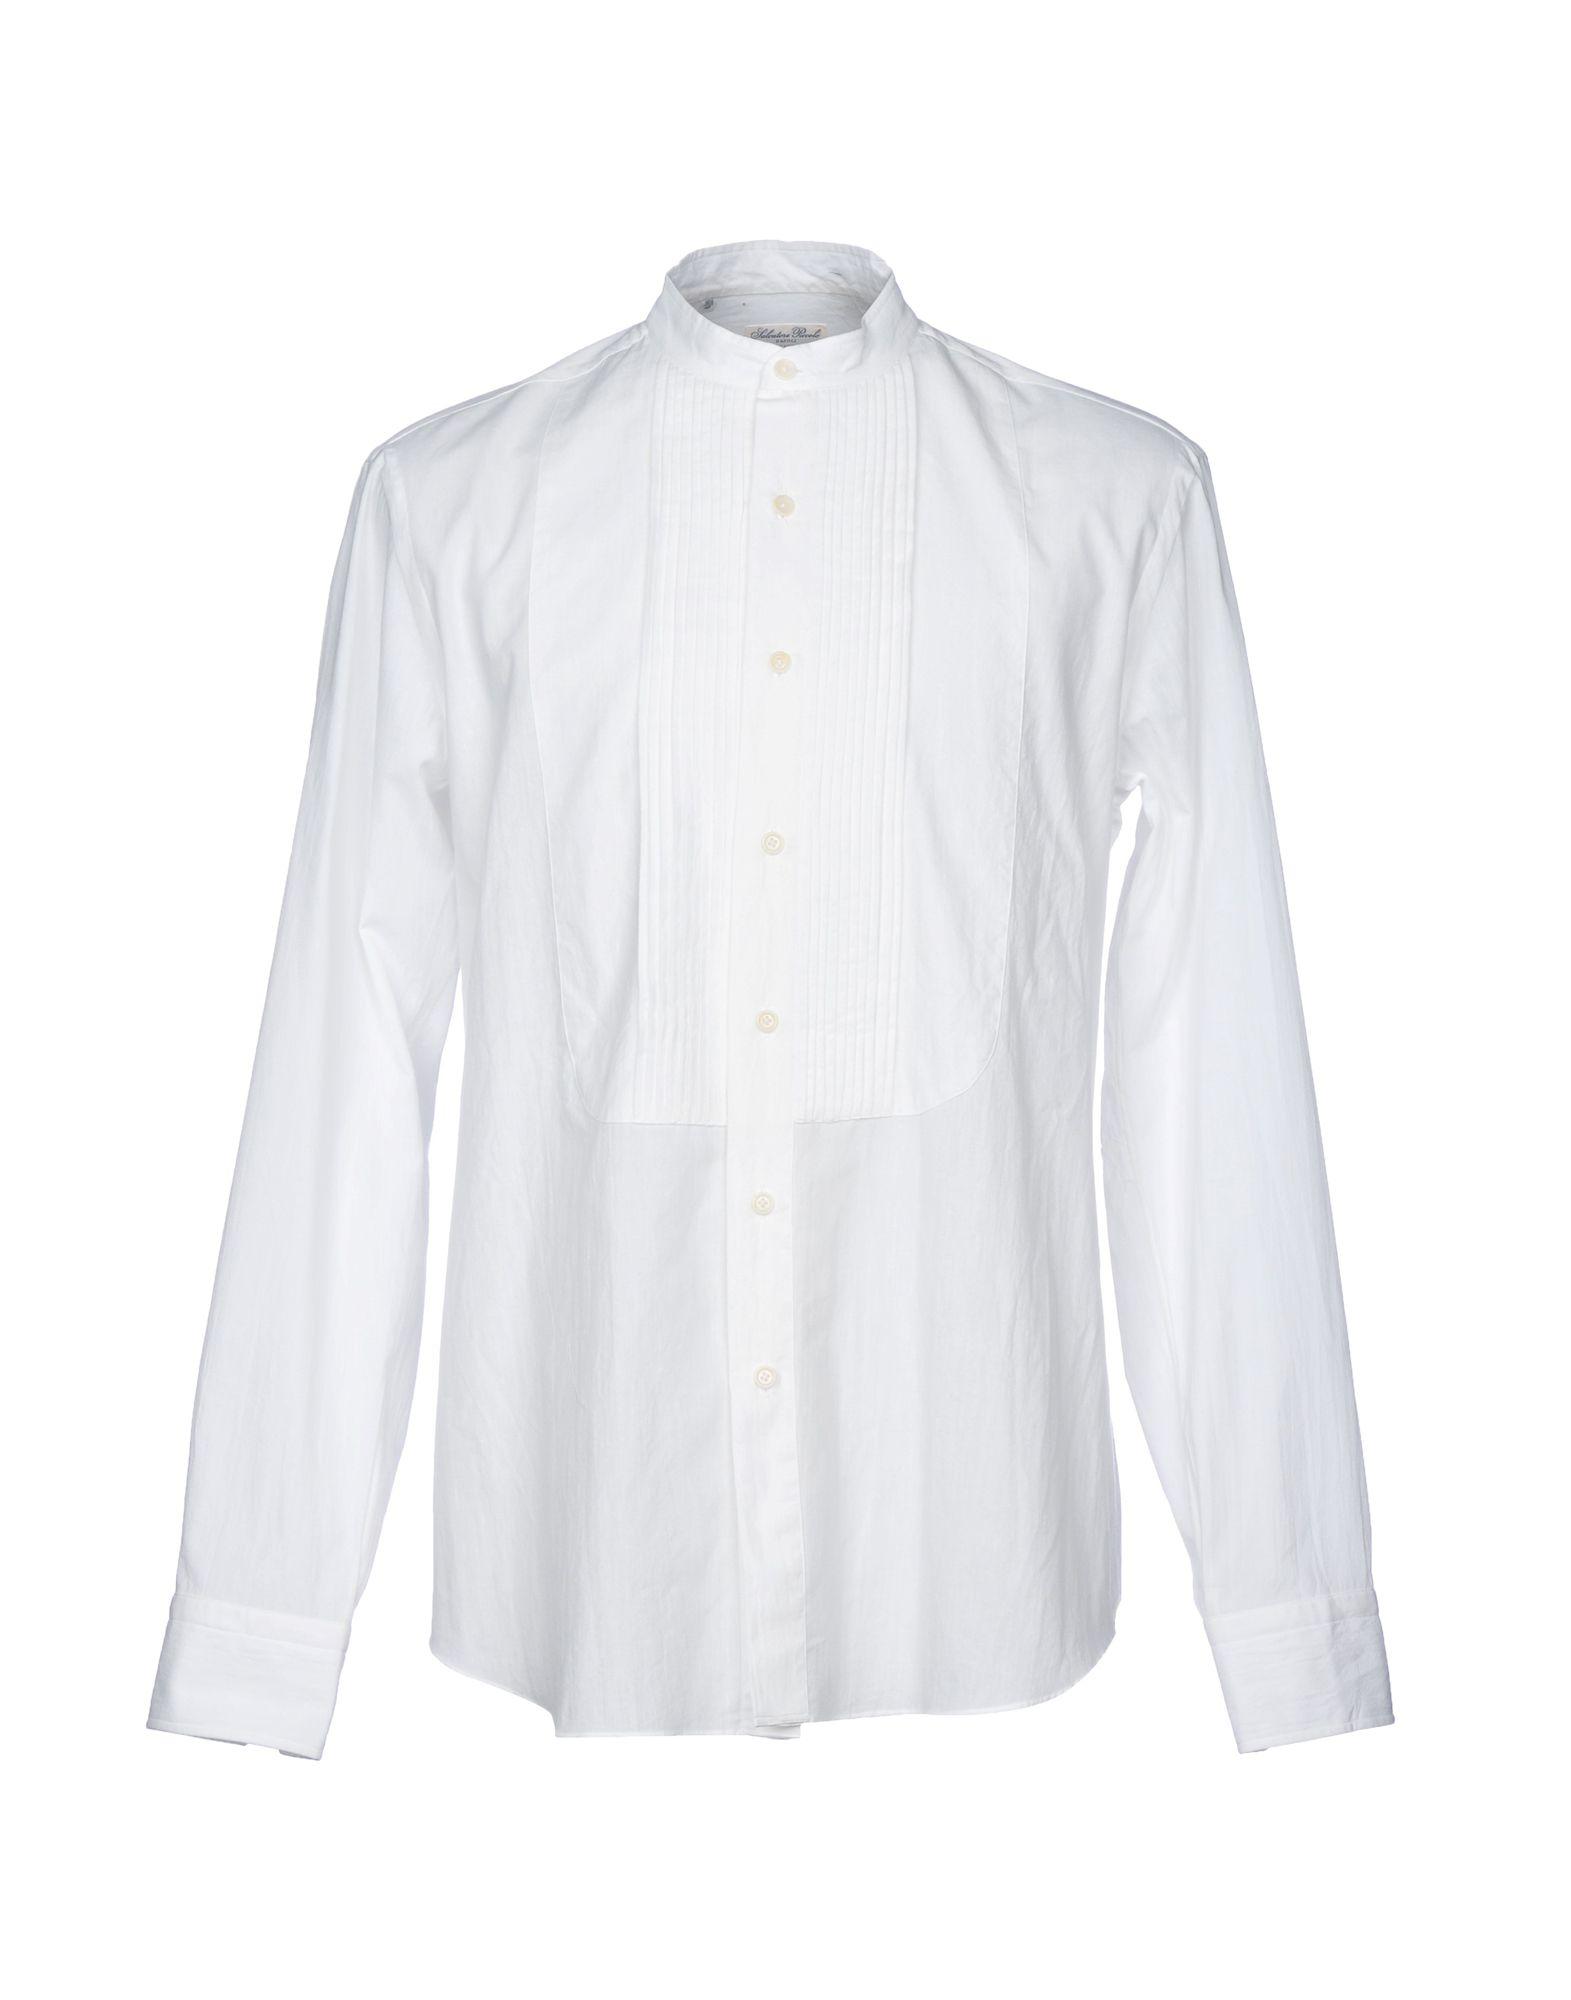 SALVATORE PICCOLO Solid Color Shirt in White